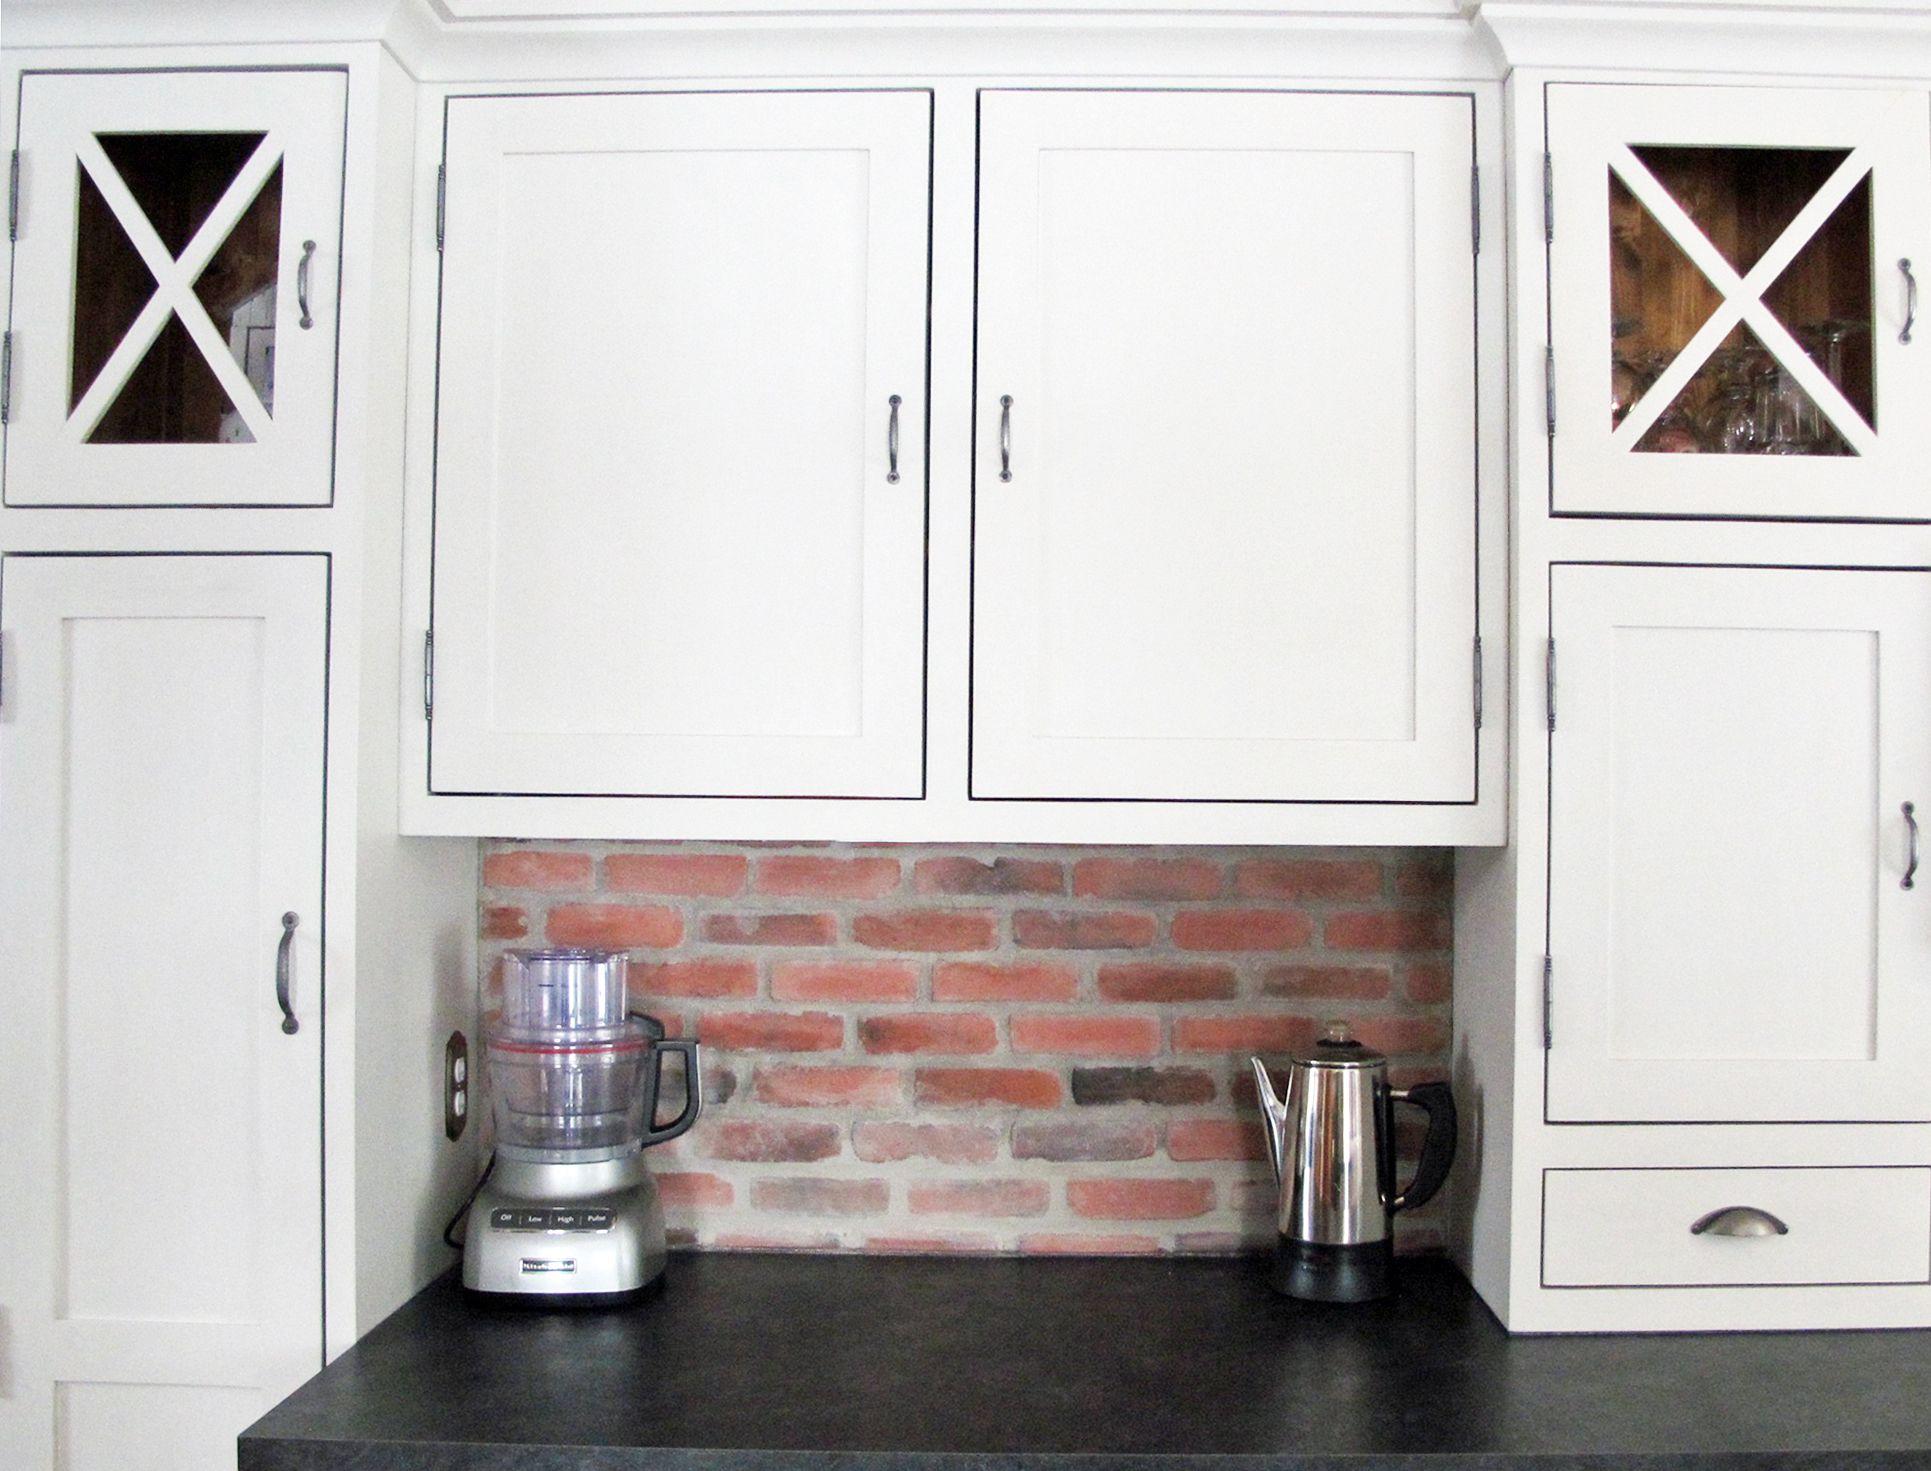 Armoires de cuisine ilot et garde manger finition ancienne antique - Garde manger fonctionnel cuisine ...